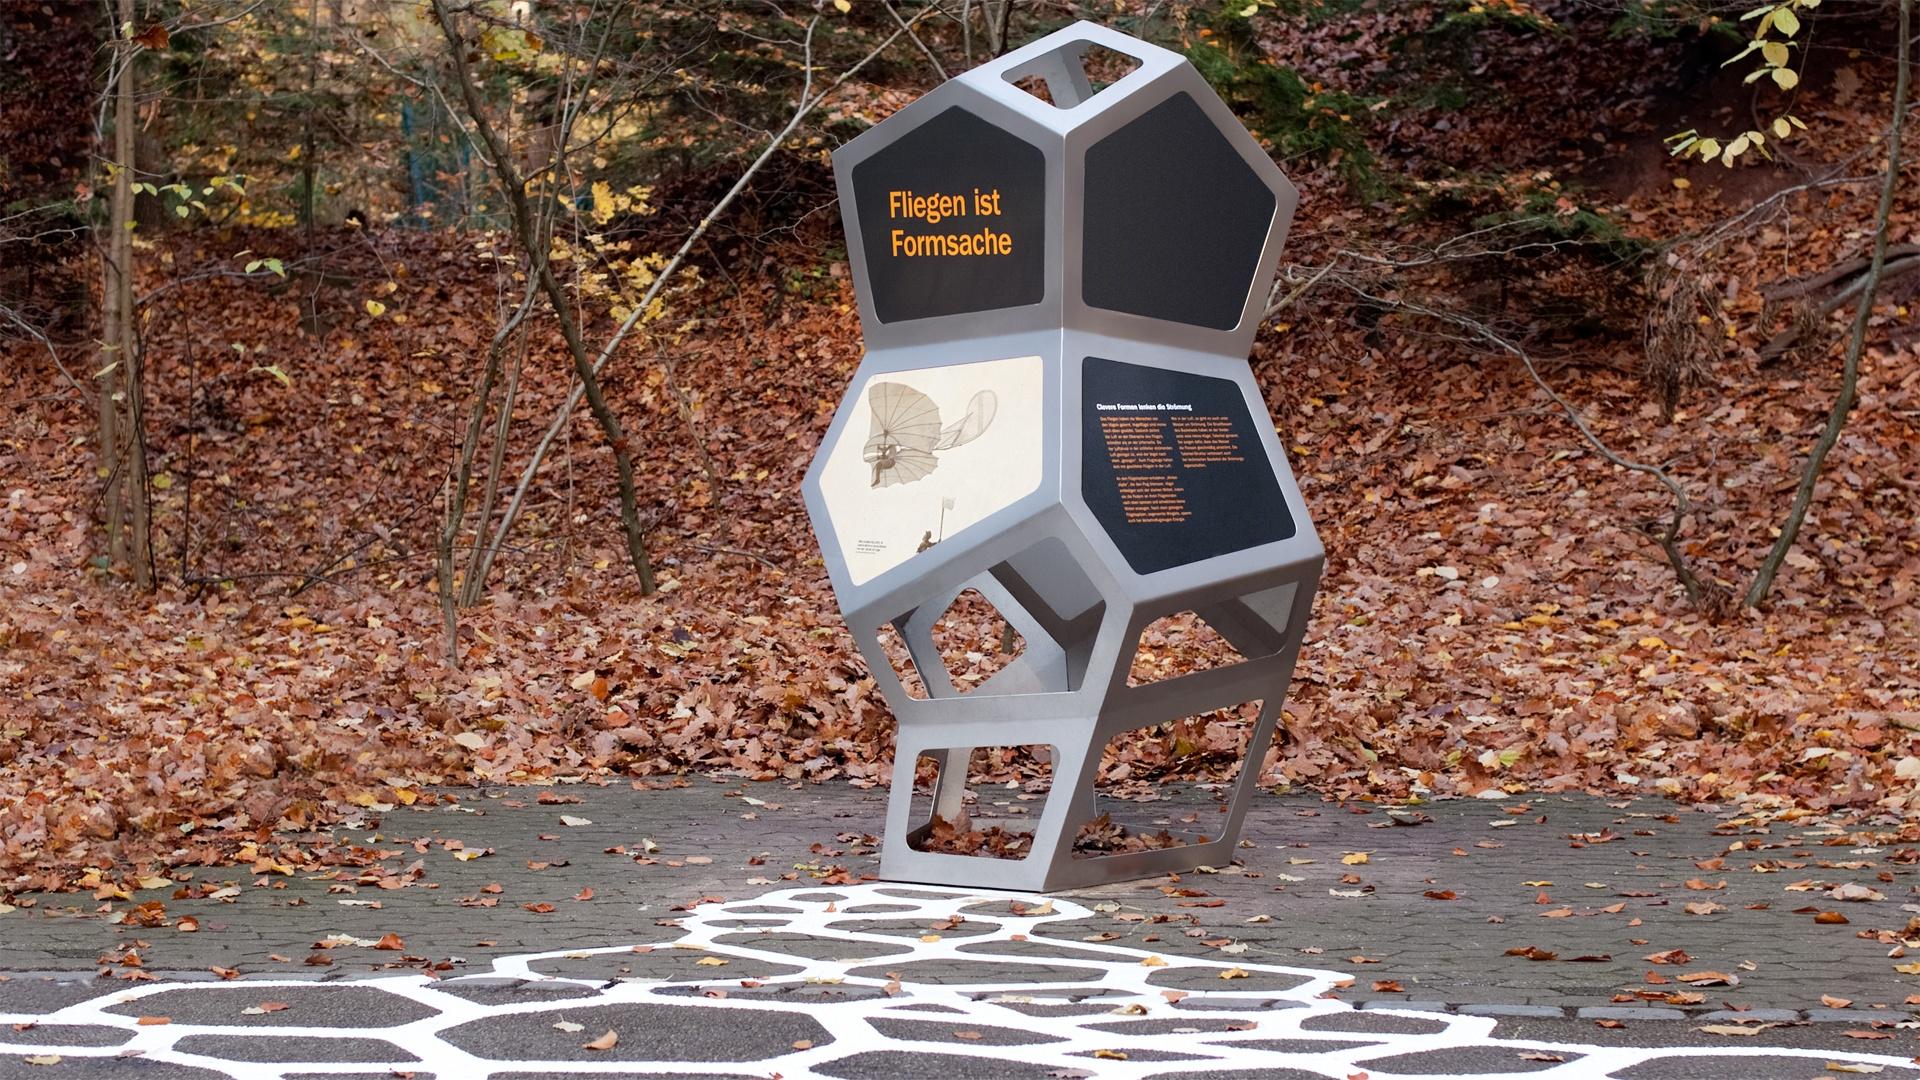 Stele Bionik Tiergarten Nürnberg